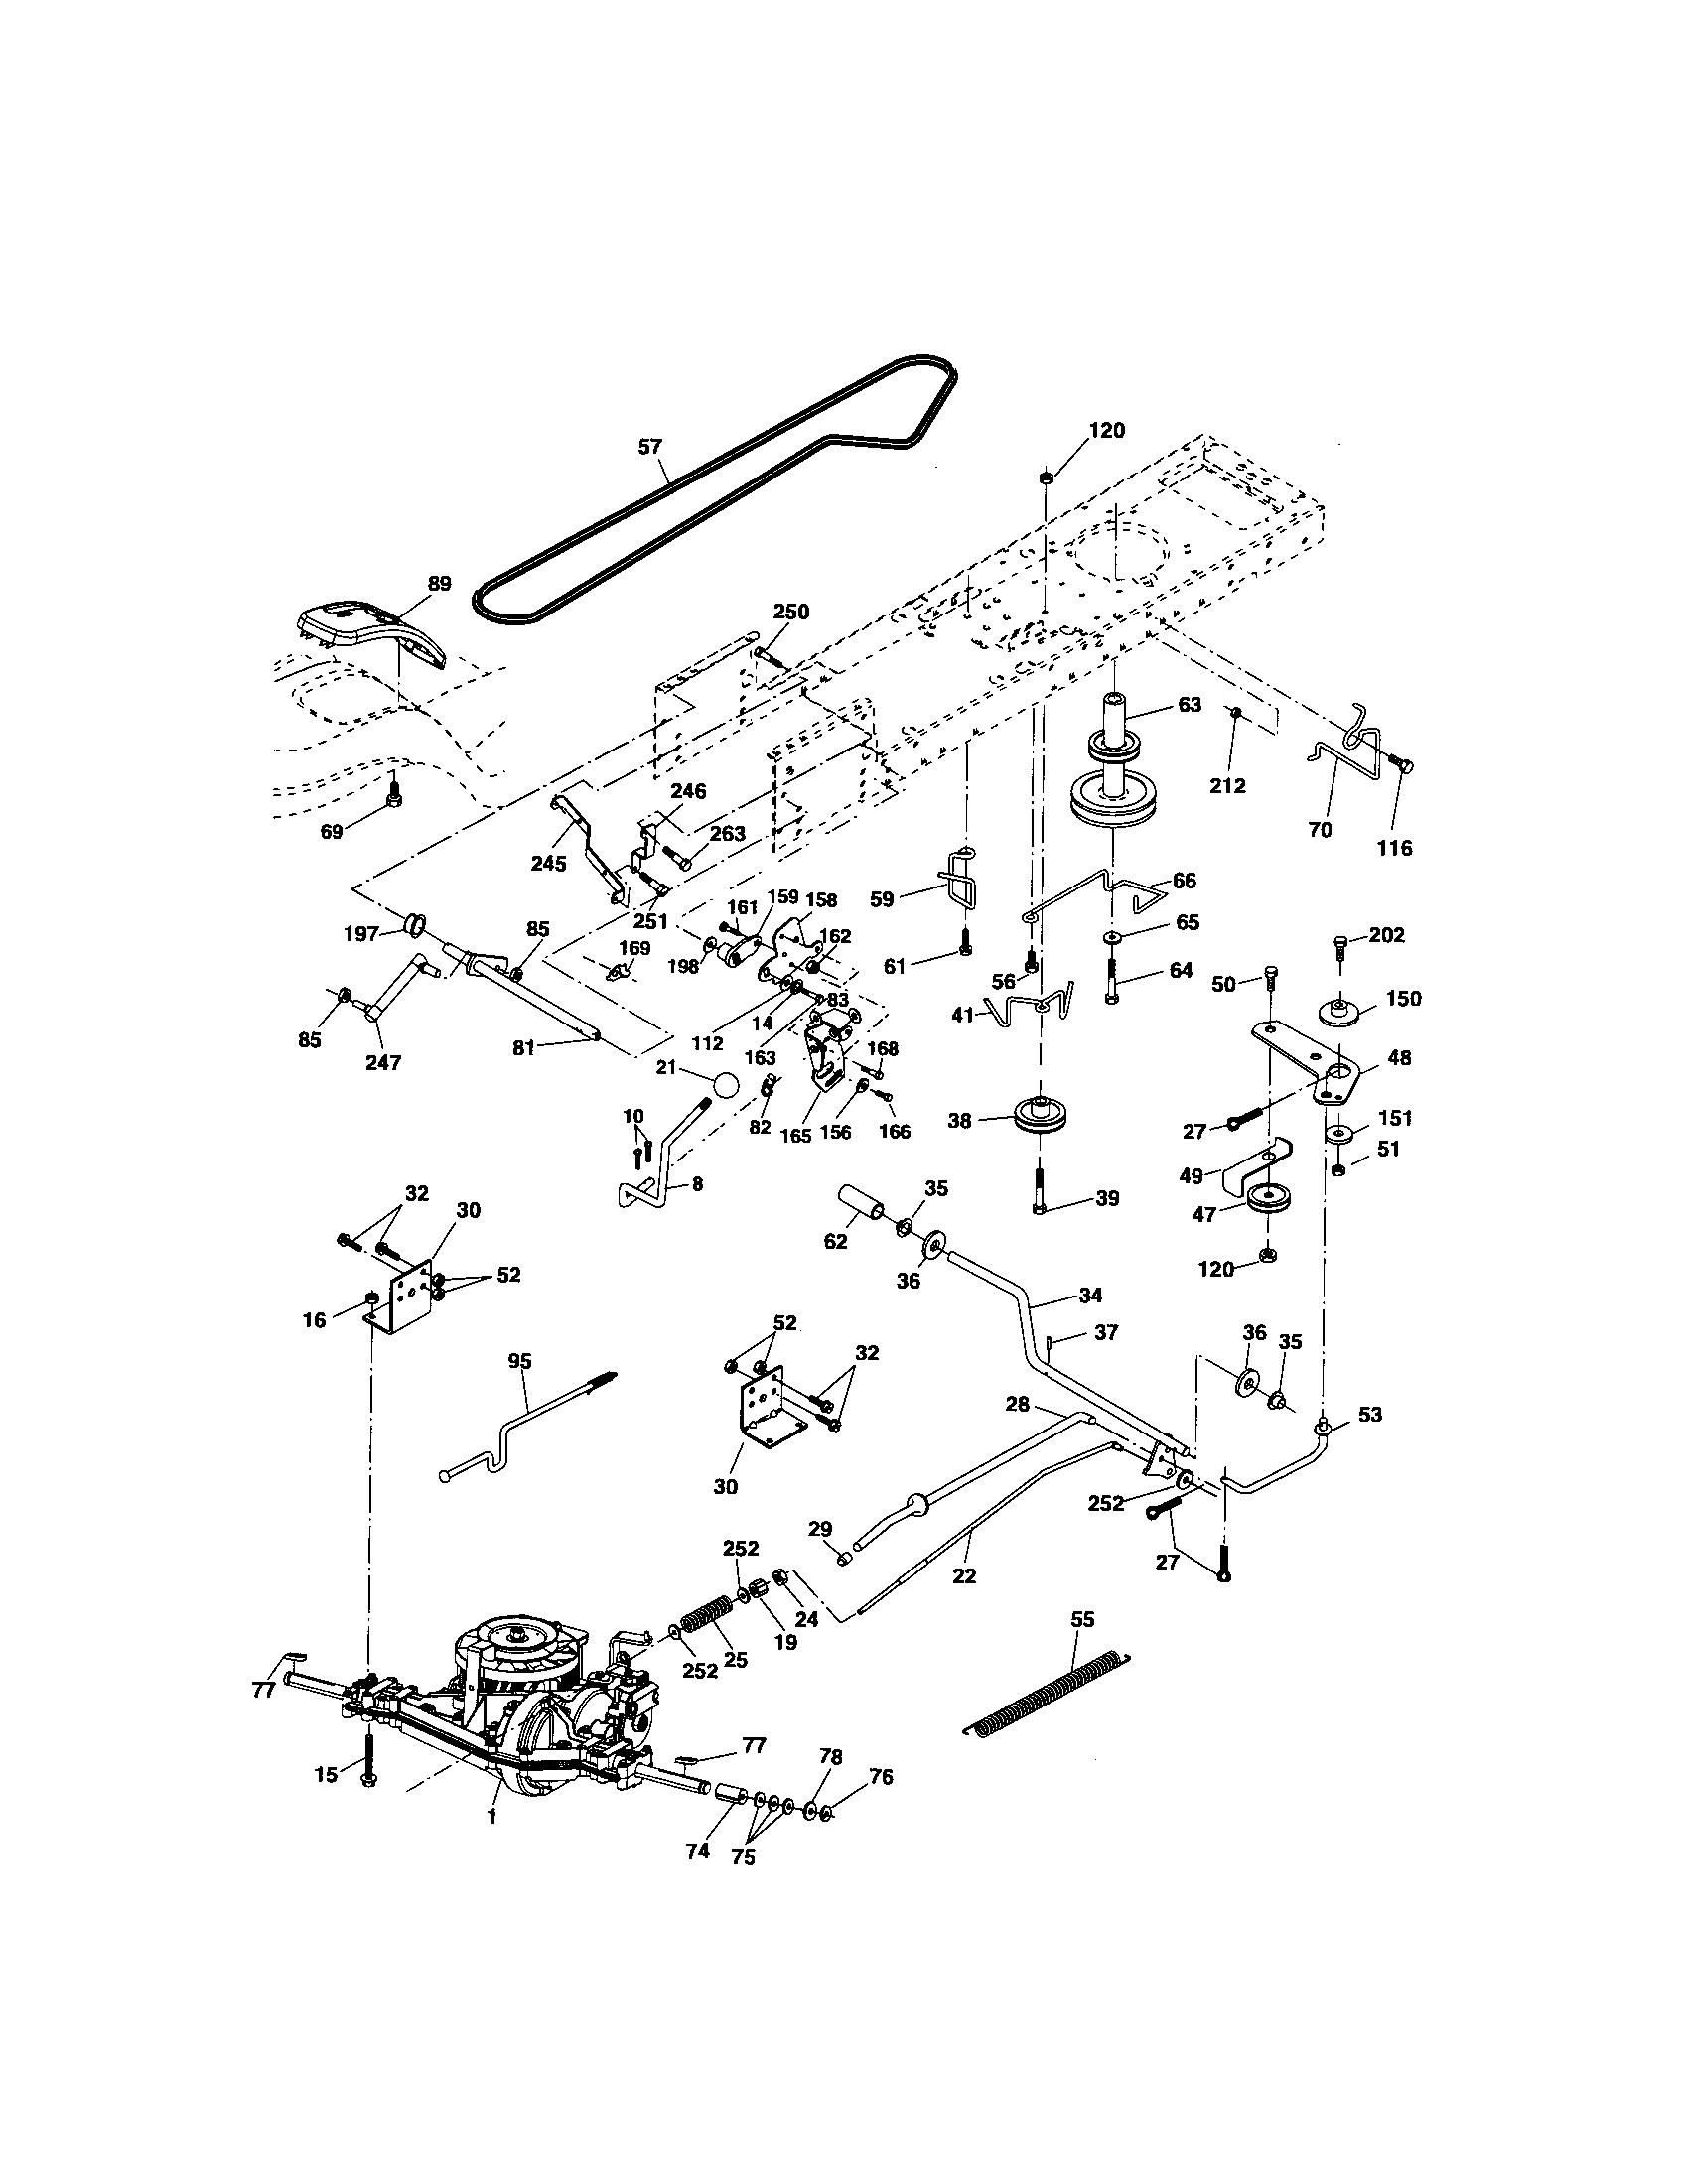 Craftsman model 917276824 lawn, tractor genuine parts